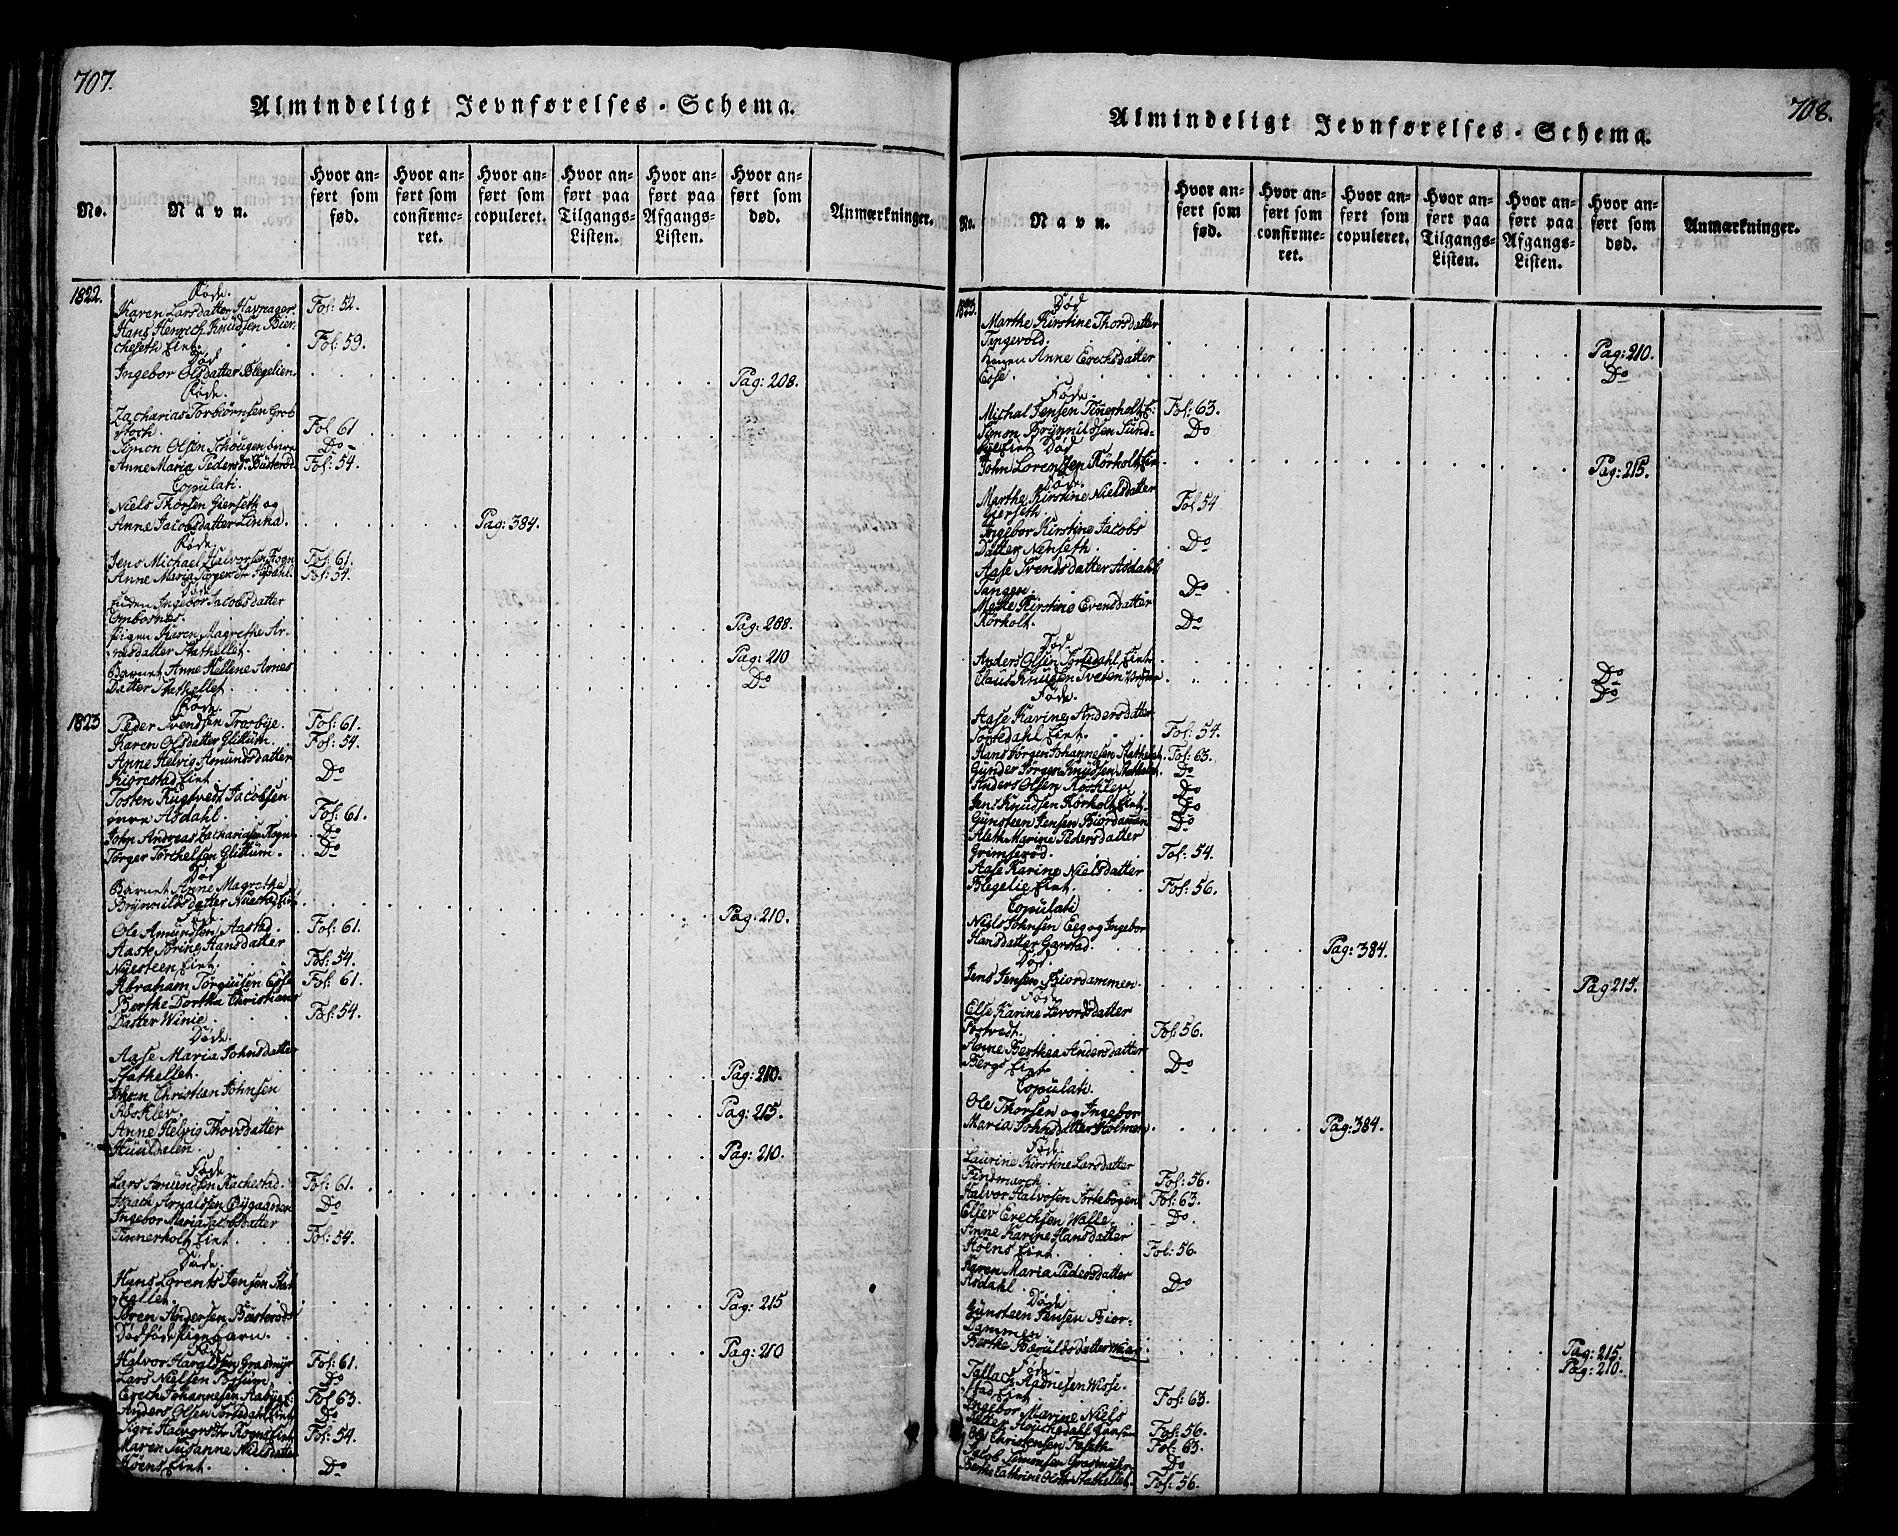 SAKO, Bamble kirkebøker, G/Ga/L0005: Klokkerbok nr. I 5, 1814-1855, s. 707-708